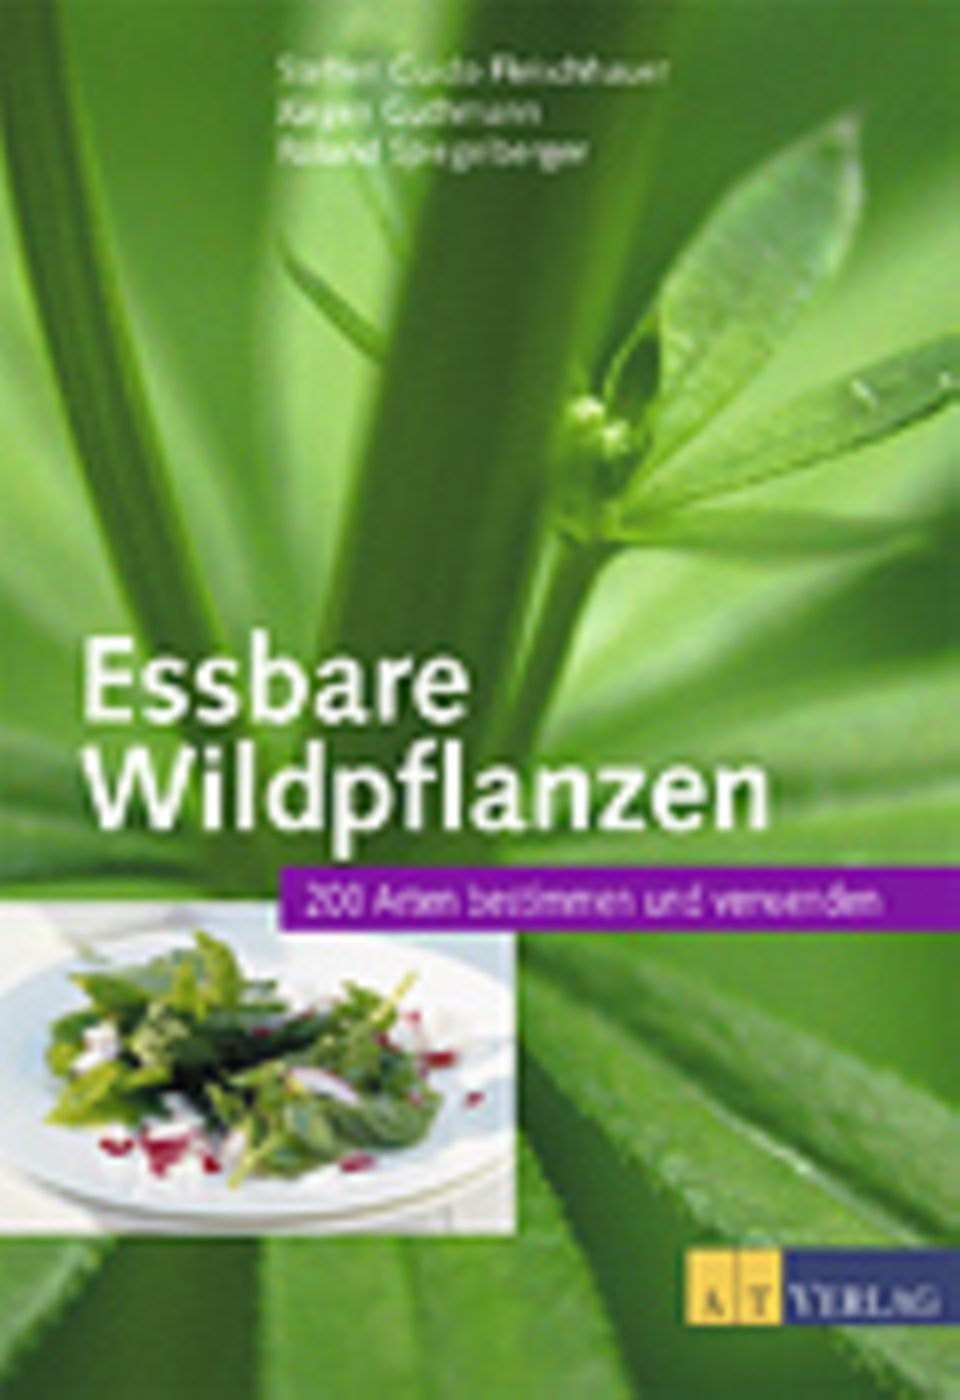 Essbare Pflanzen: Buchtipp Fleischhauer, Guthmann, Spiegelberger Essbare Wildpflanzen 200 Arten bestimmen und verwenden AT-Verlag 2007